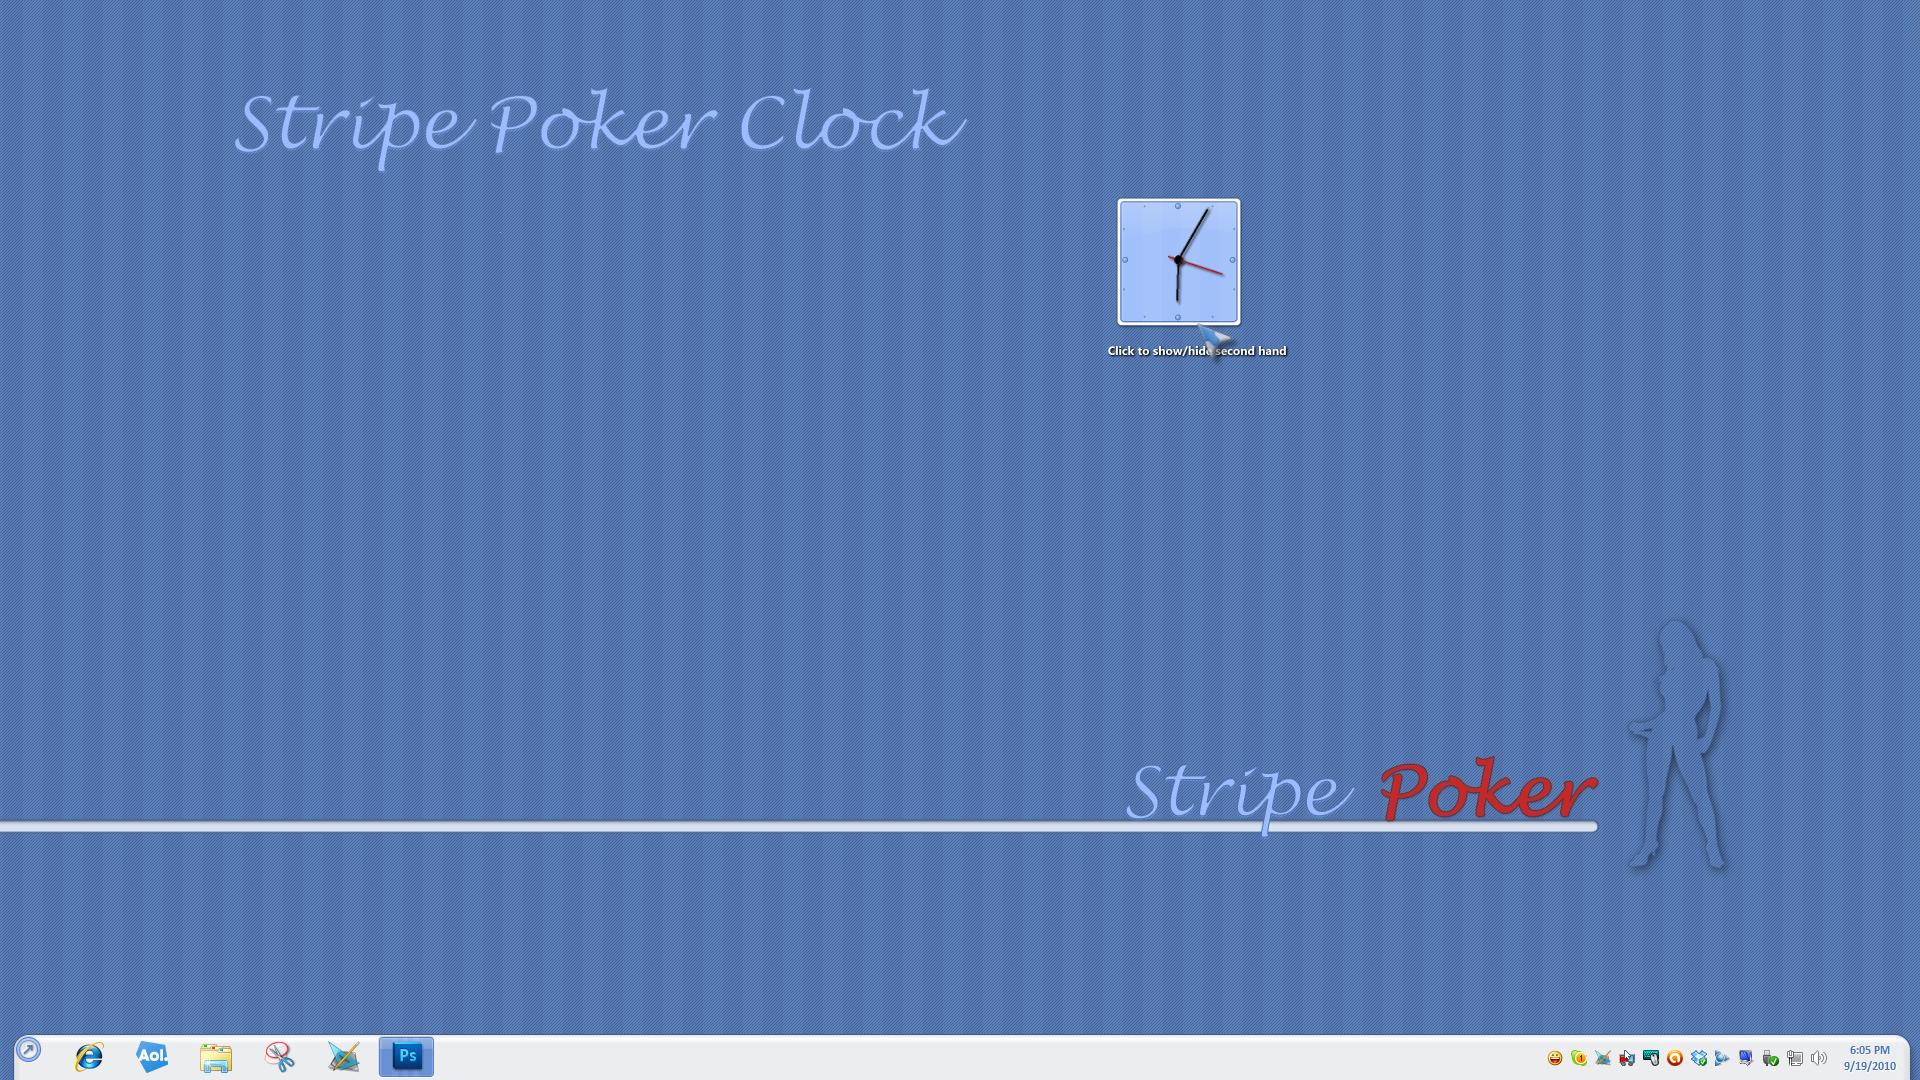 Stripe Poker Clock Widget